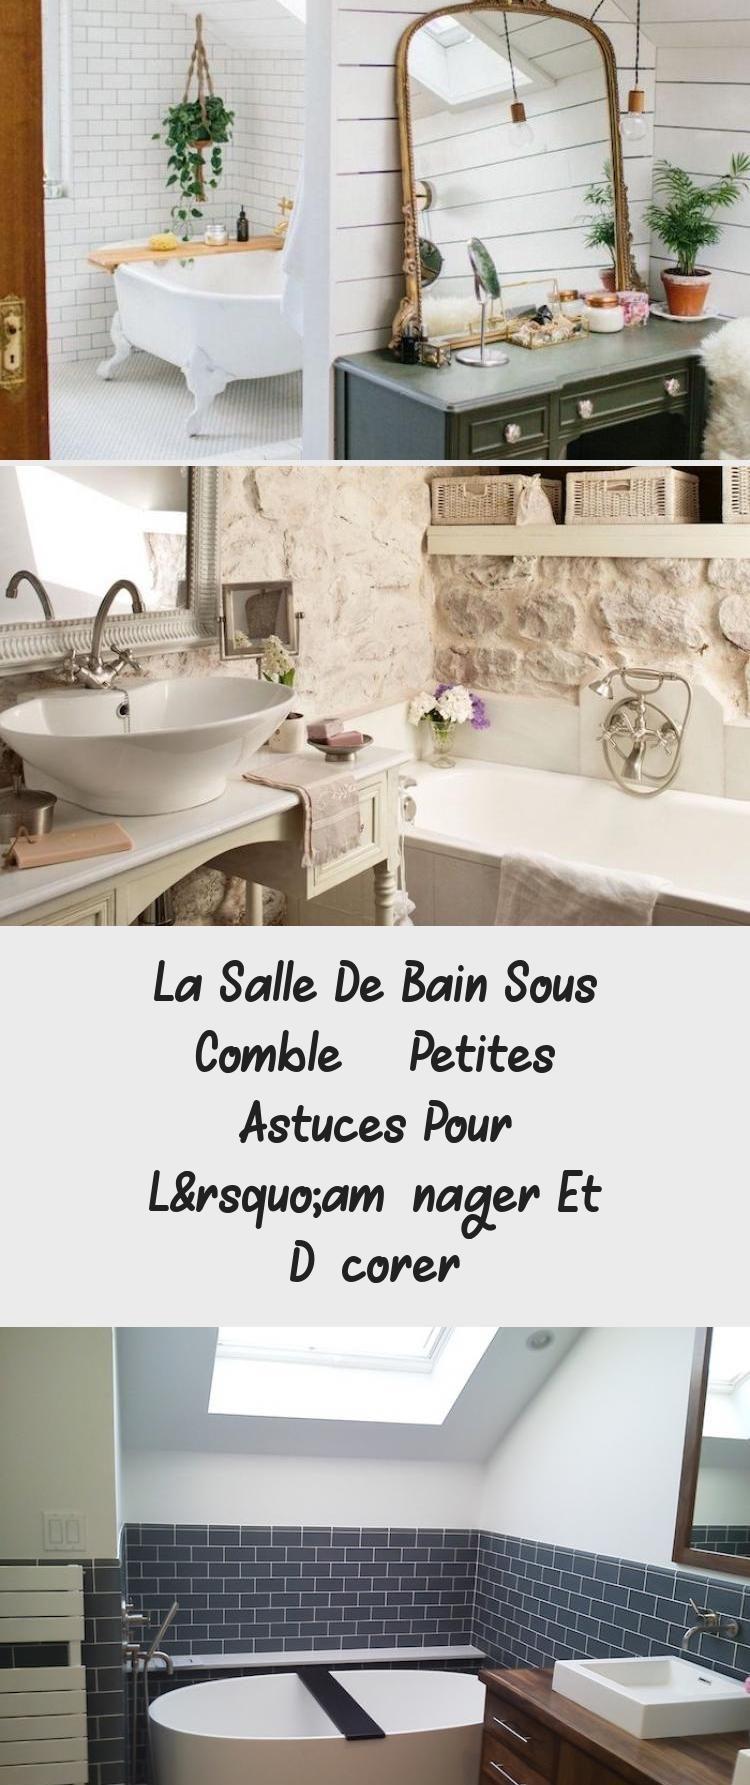 La Salle De Bain Sous Comble Petites Astuces Pour L Amenager Et